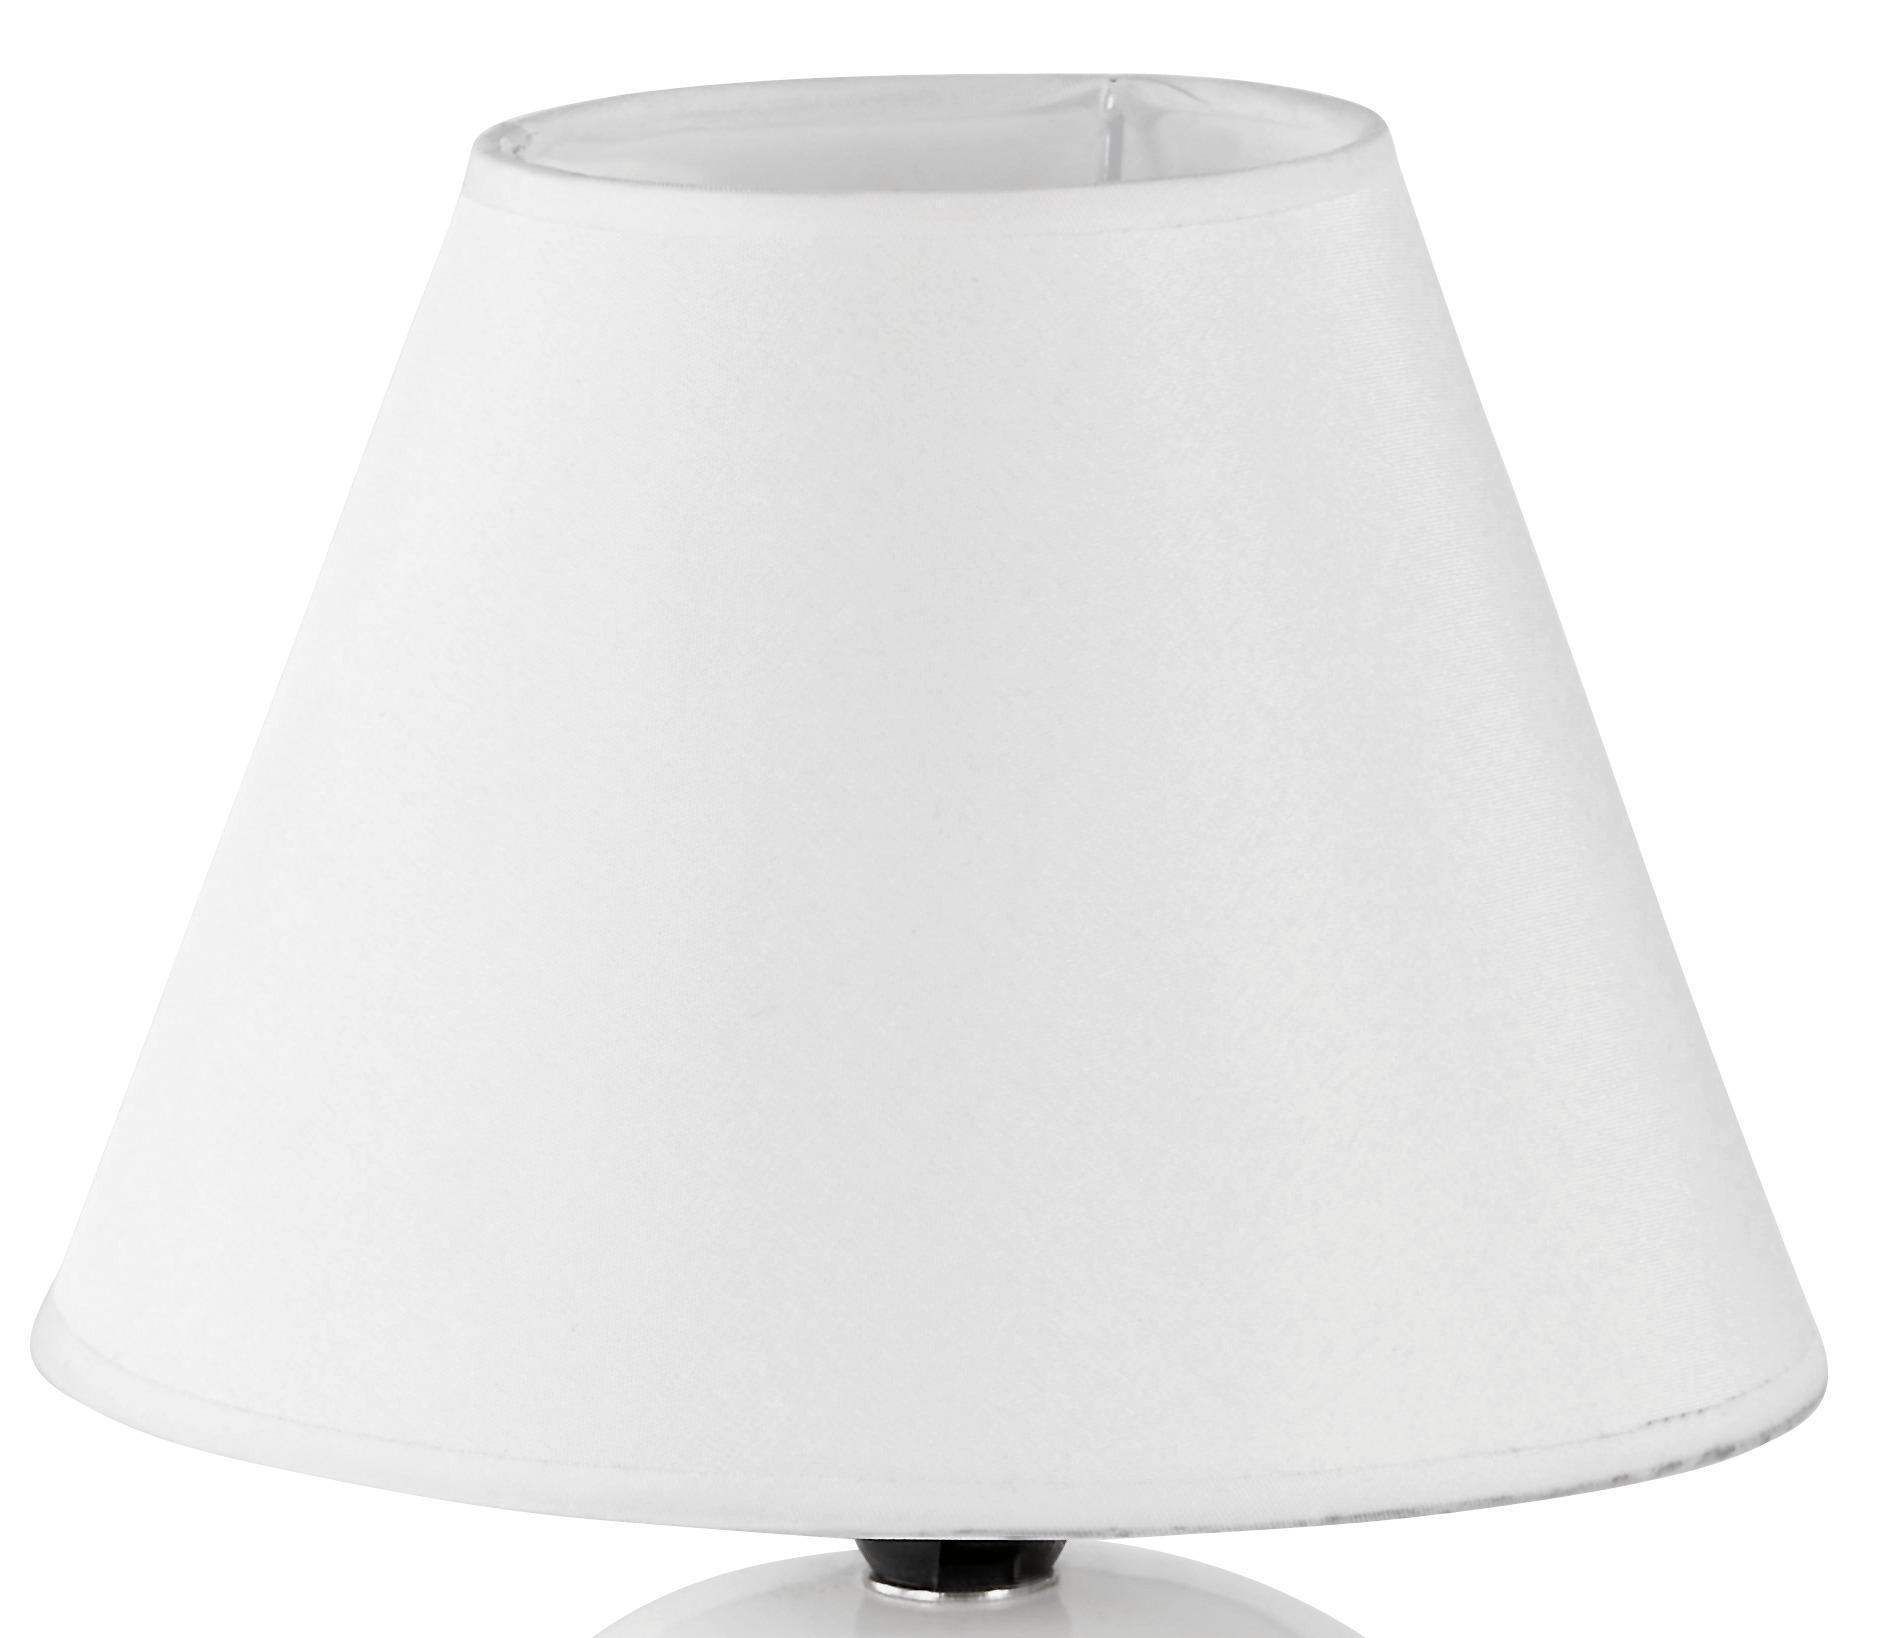 Tischlampe Cindy Cremefarben mit Kugel-Keramikfuß - Detailansicht - Schirm Textil, Weiß